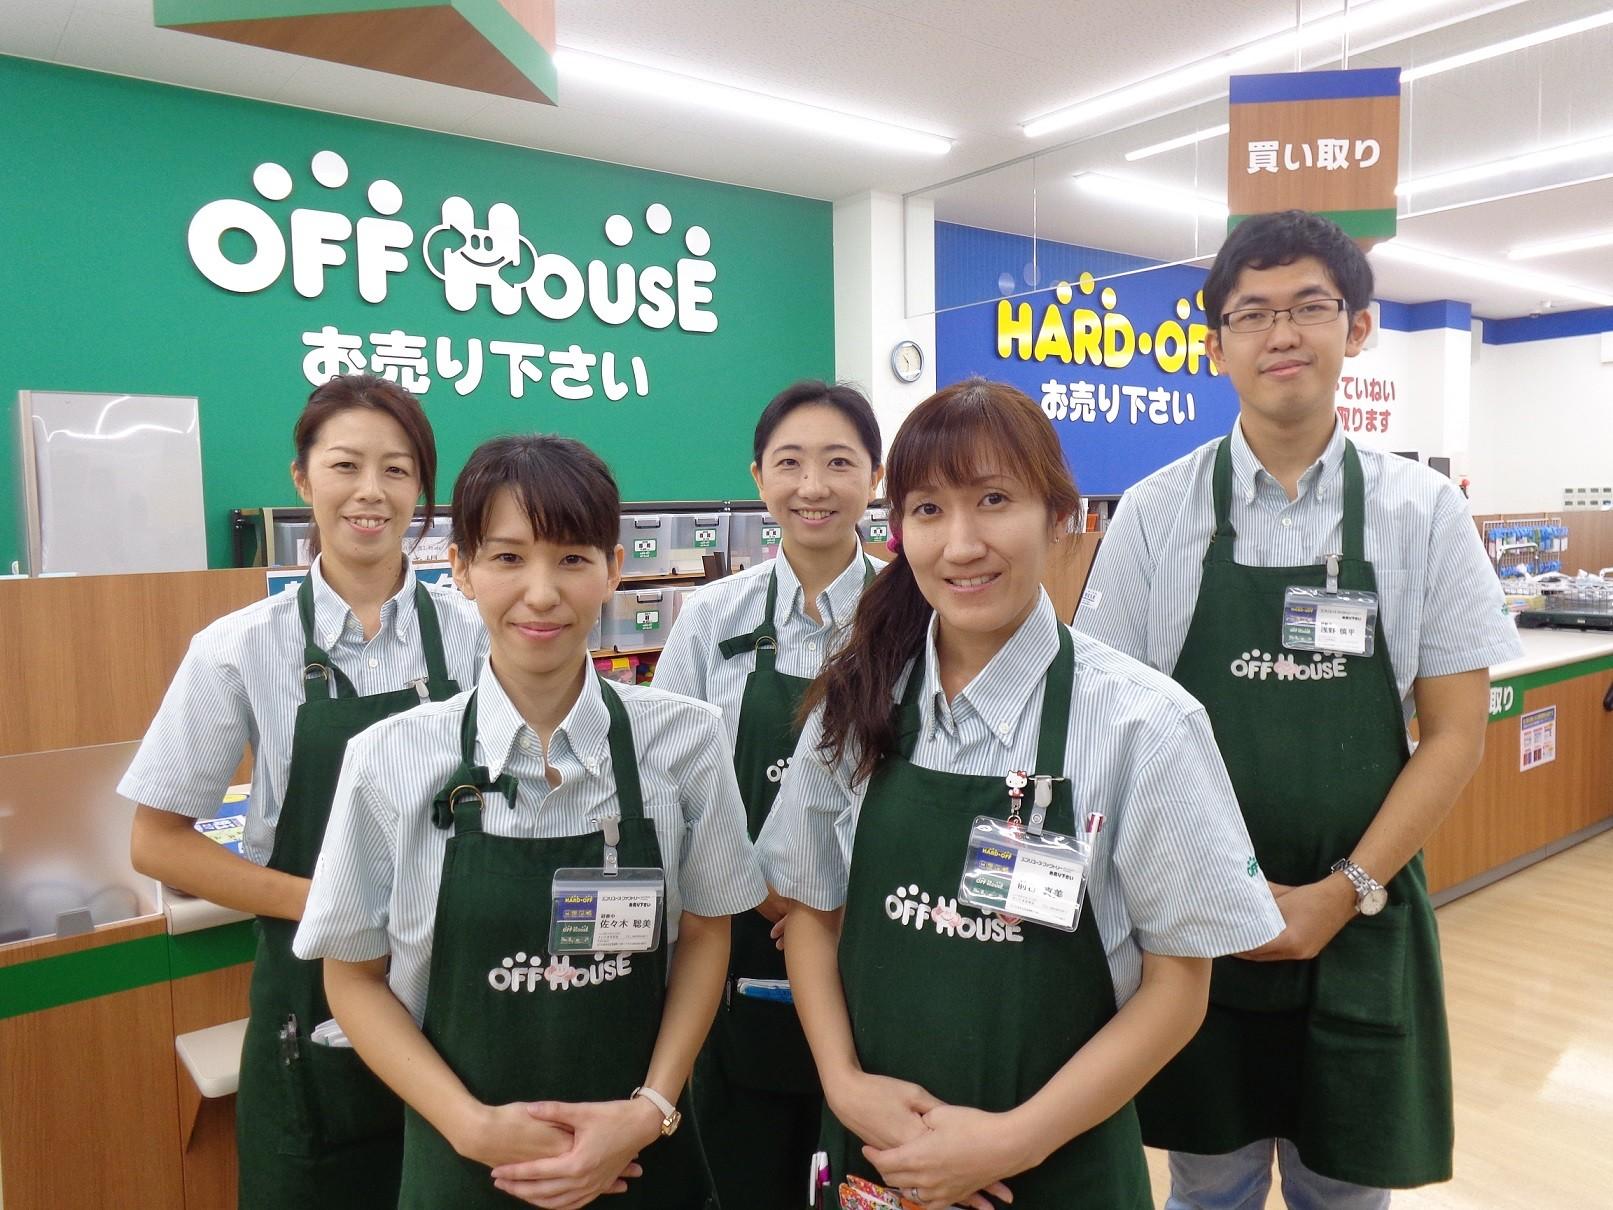 ハードオフ・オフハウス 羽生店 のアルバイト情報